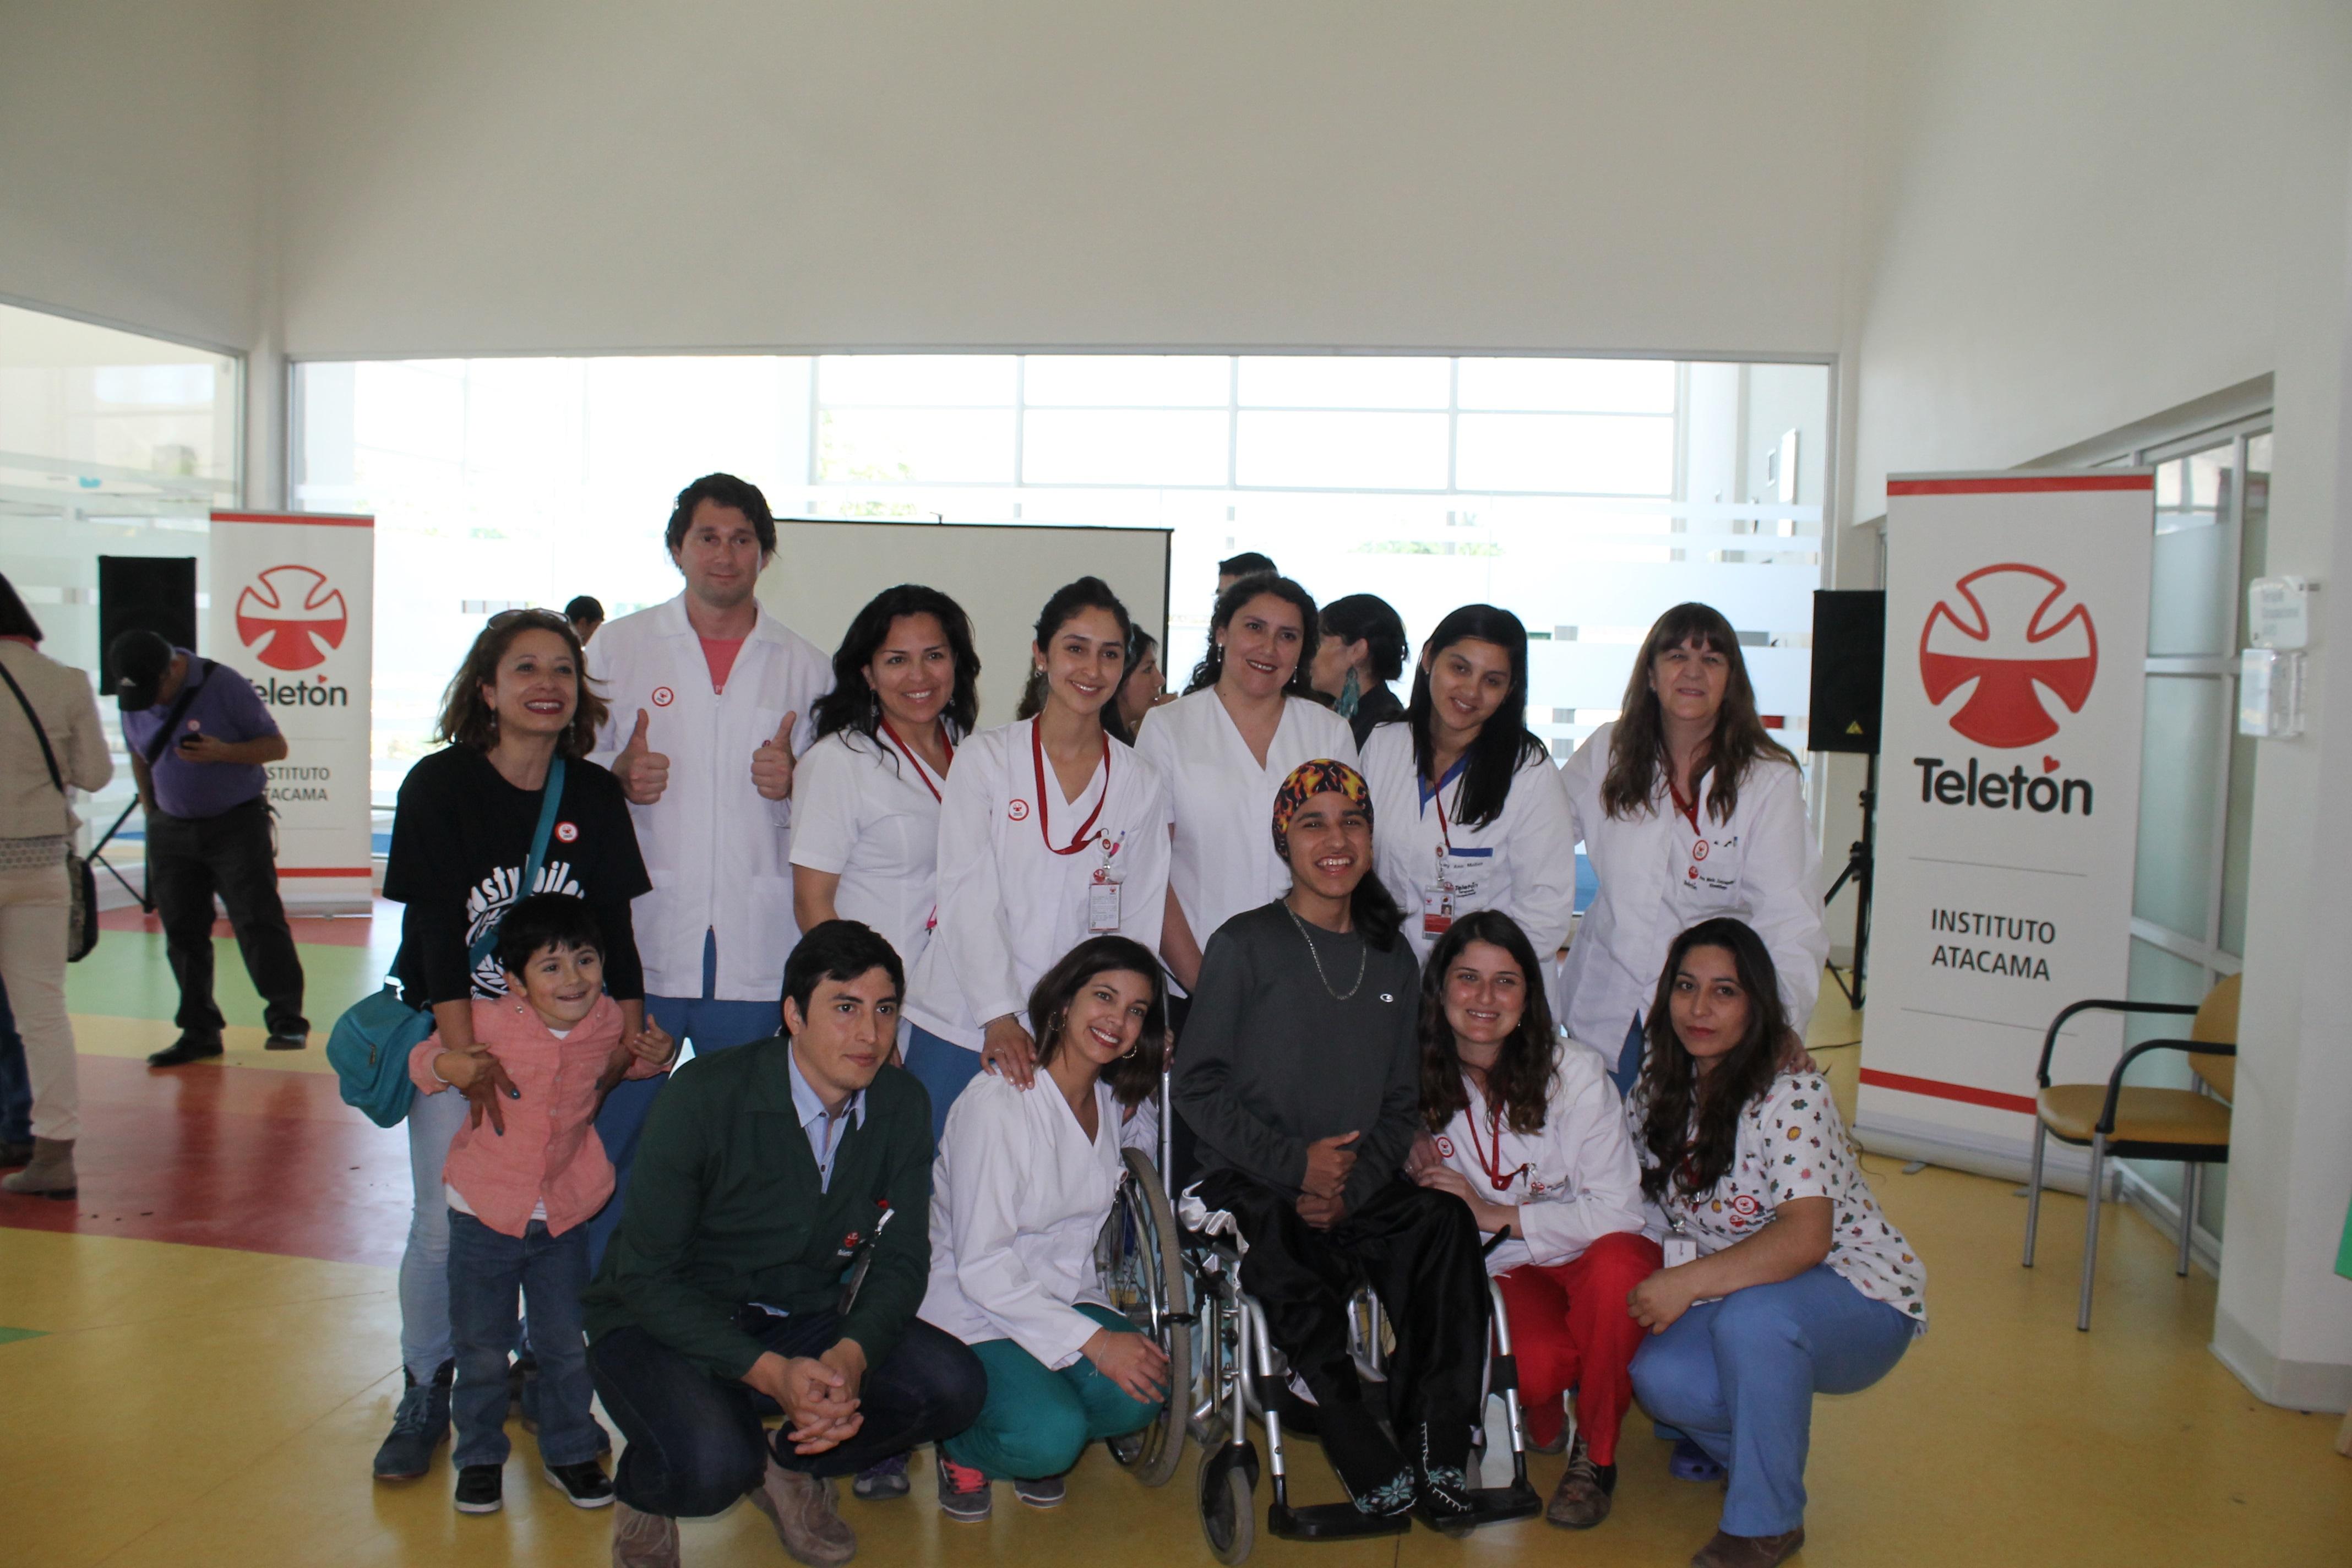 Teletón Atacama celebra 6 años de trabajo en la región